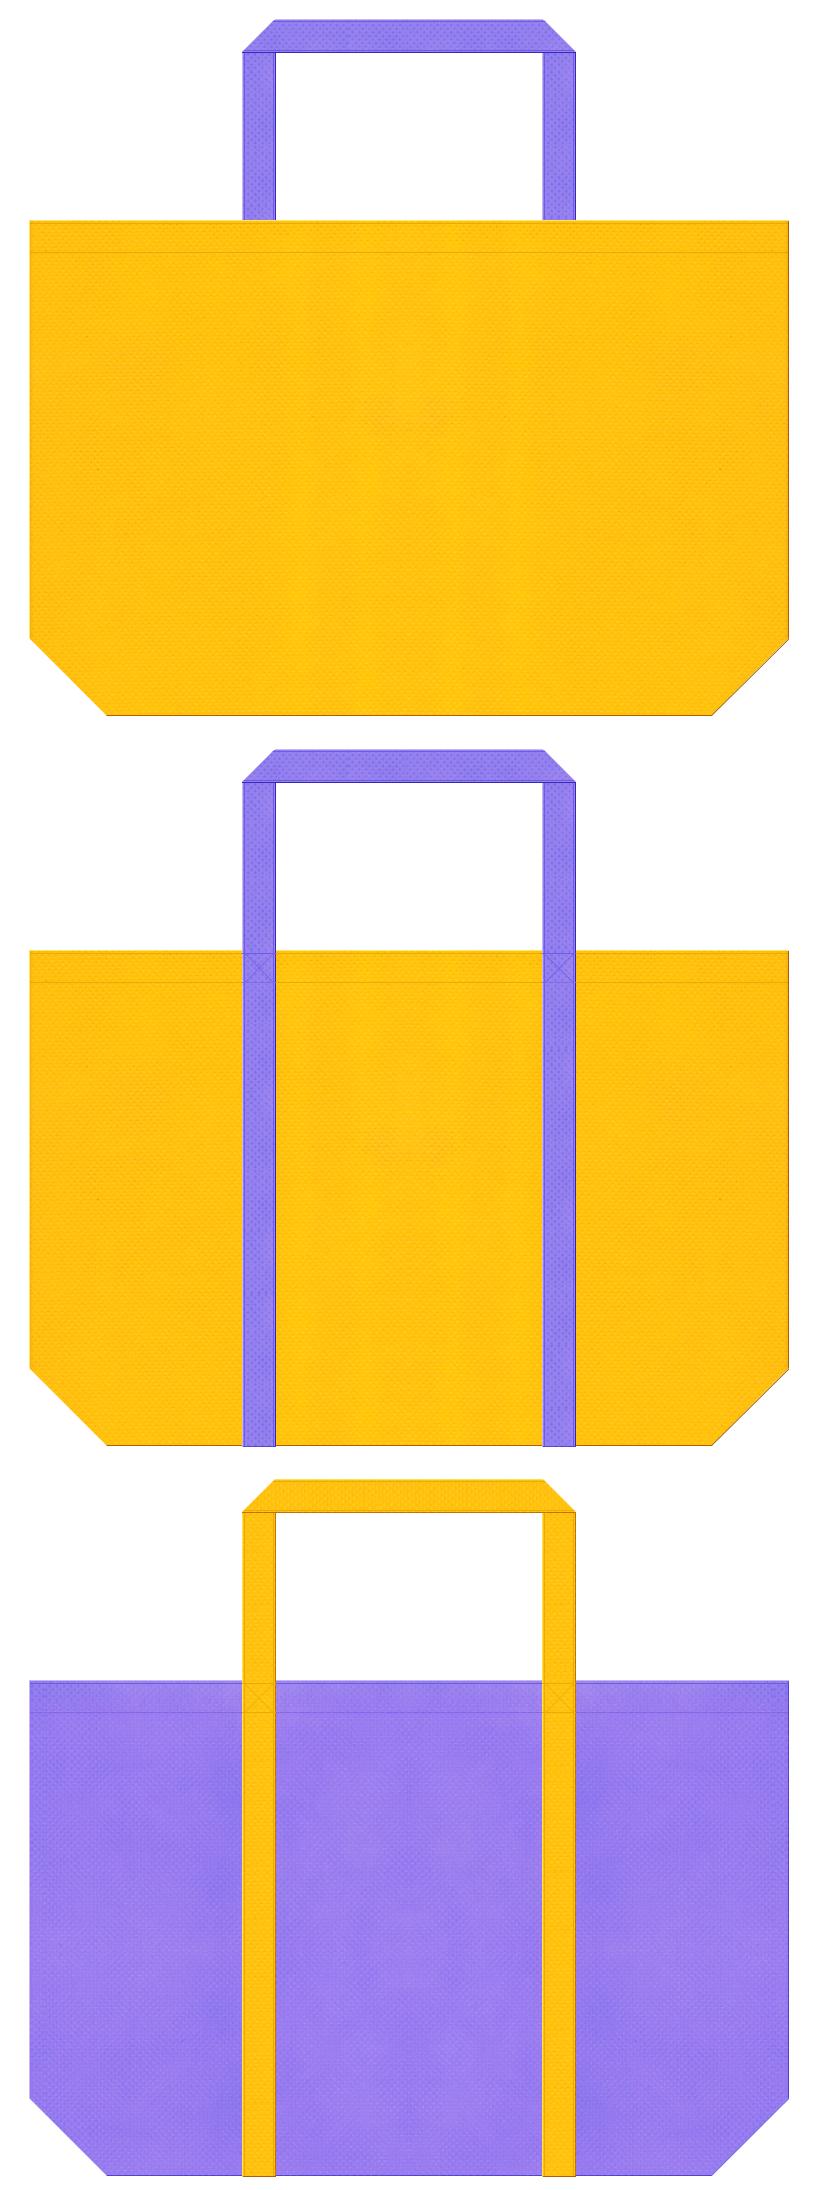 絵本・おとぎ話・ピエロ・サーカス・おもちゃの兵隊・楽団・ゲーム・テーマパーク・レッスンバッグ・通園バッグ・キッズイベントにお奨めの不織布バッグデザイン:黄色と薄紫色のコーデ